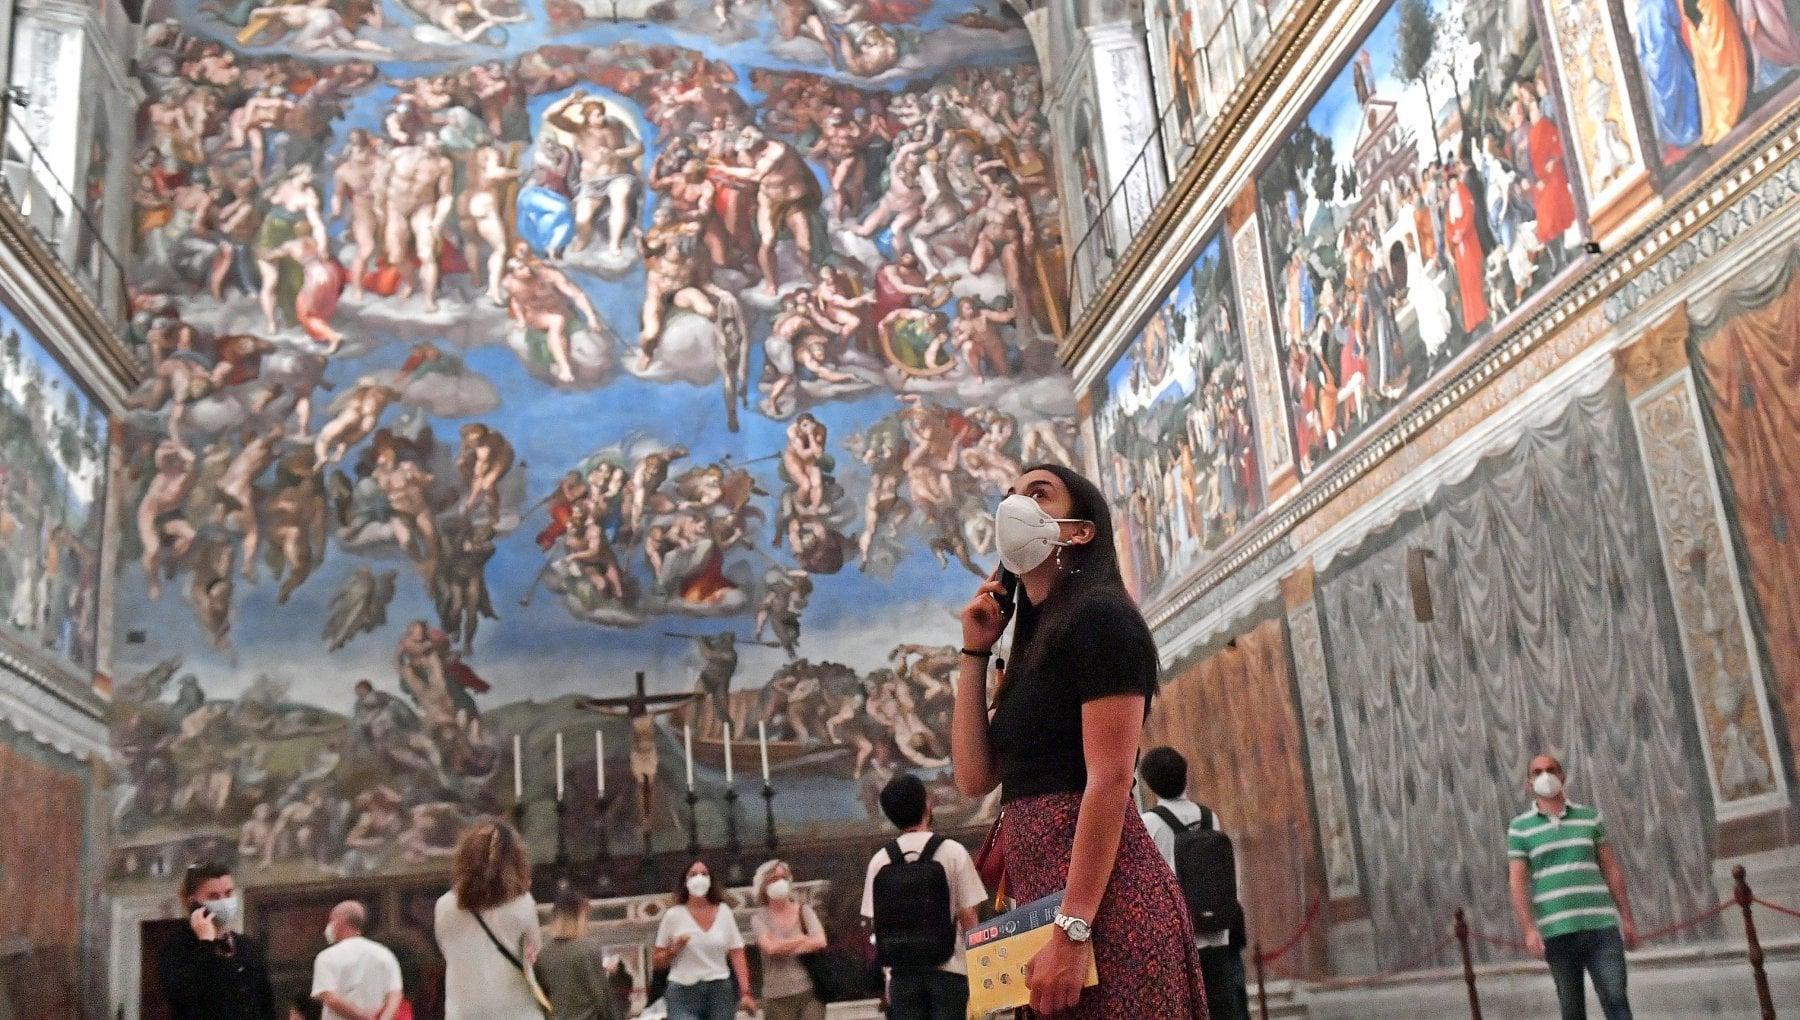 Il ministro Franceschini Ipotesi riapertura dei musei dal 18 gennaio in zona gialla